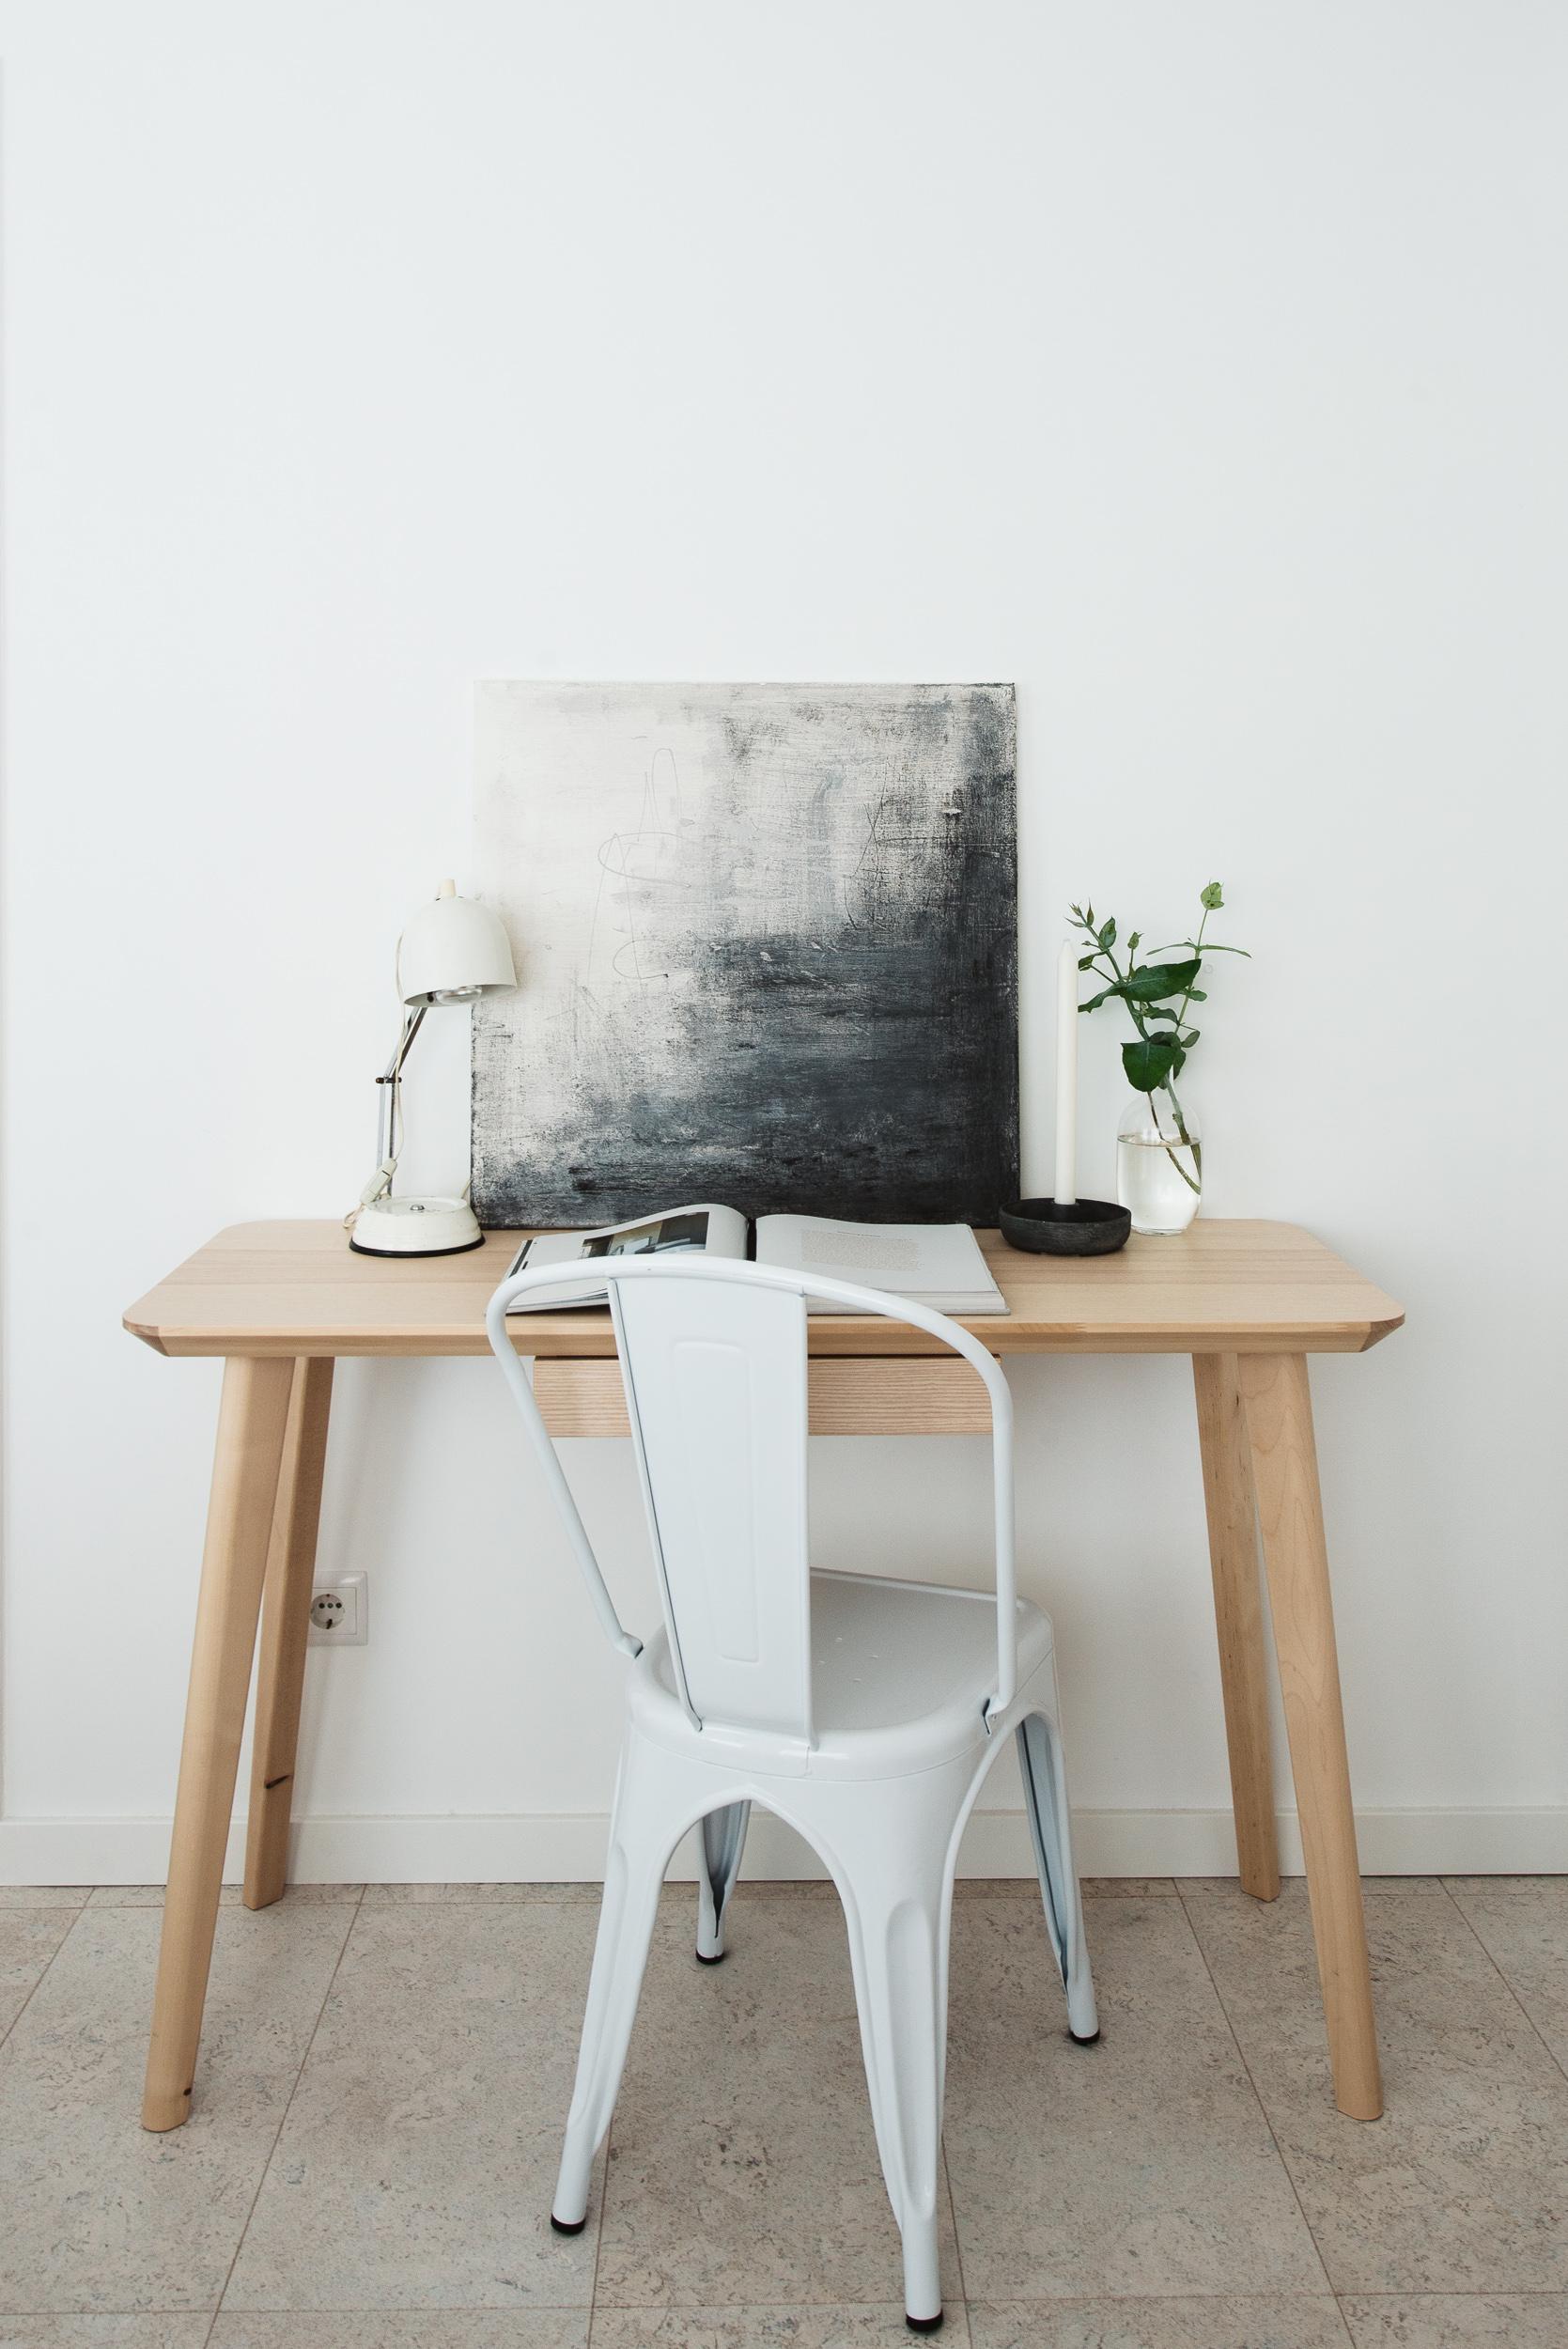 lisbona-arkstudio-14